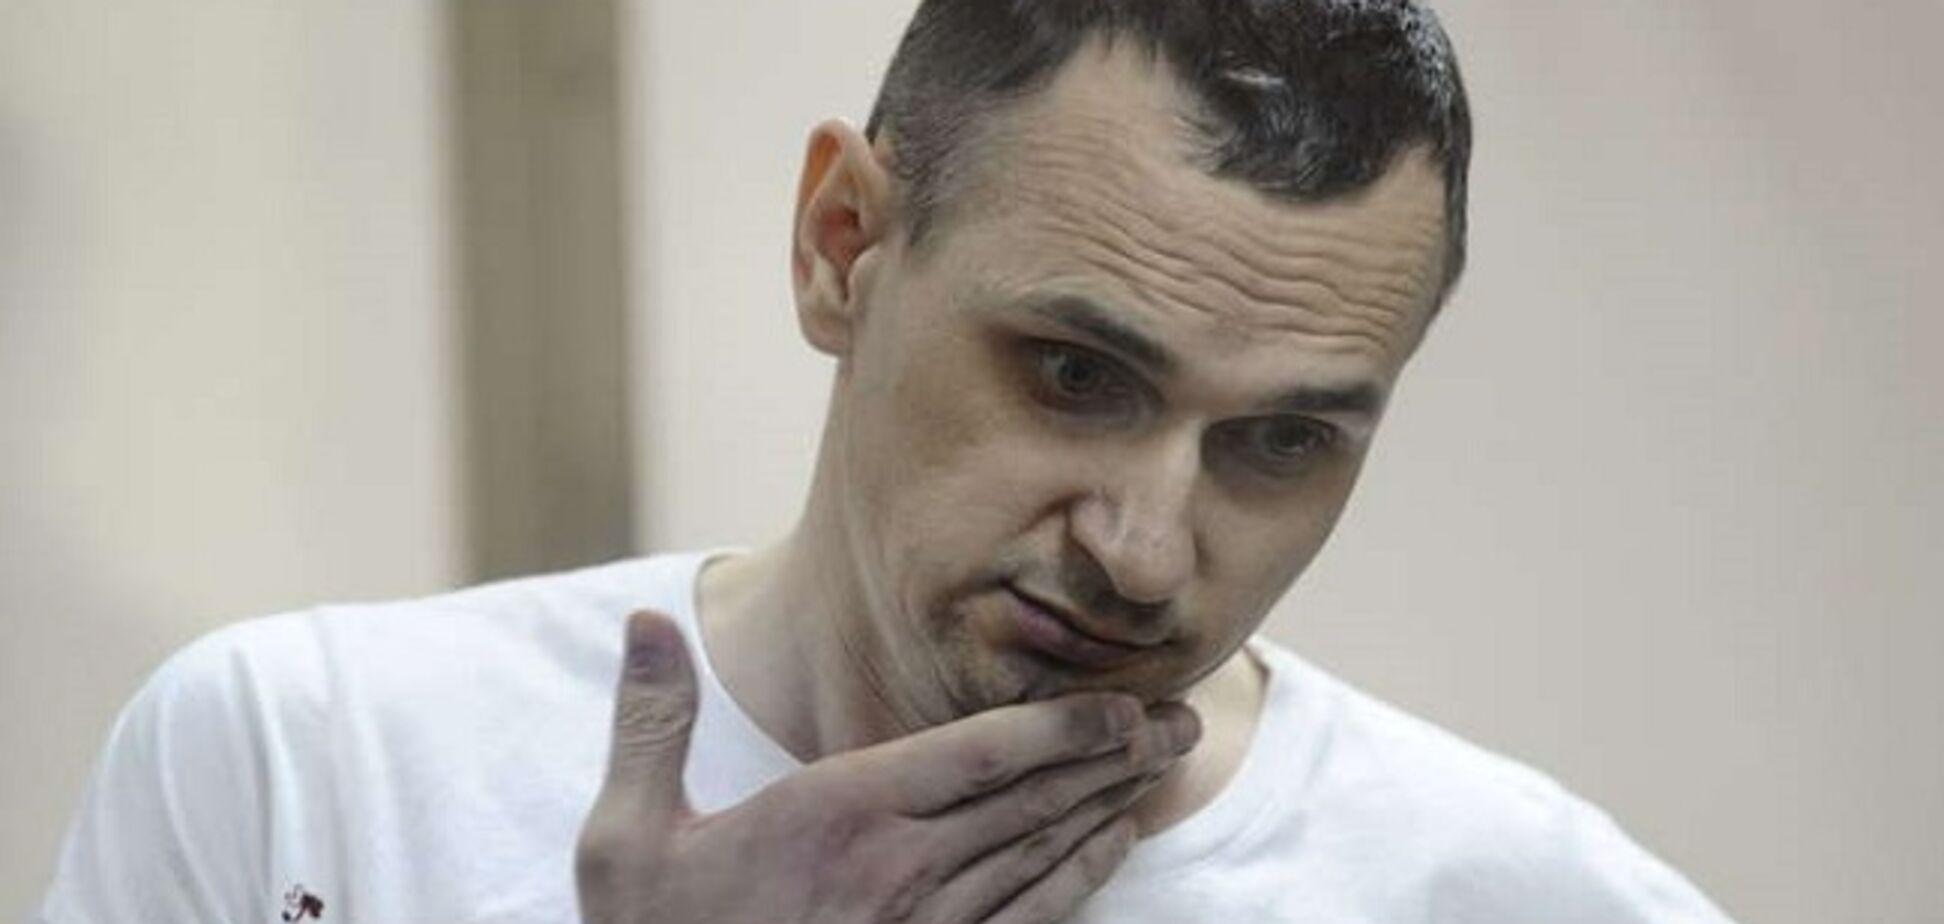 Сенцов был бы на свободе, если бы миллион украинцев защищало Крым